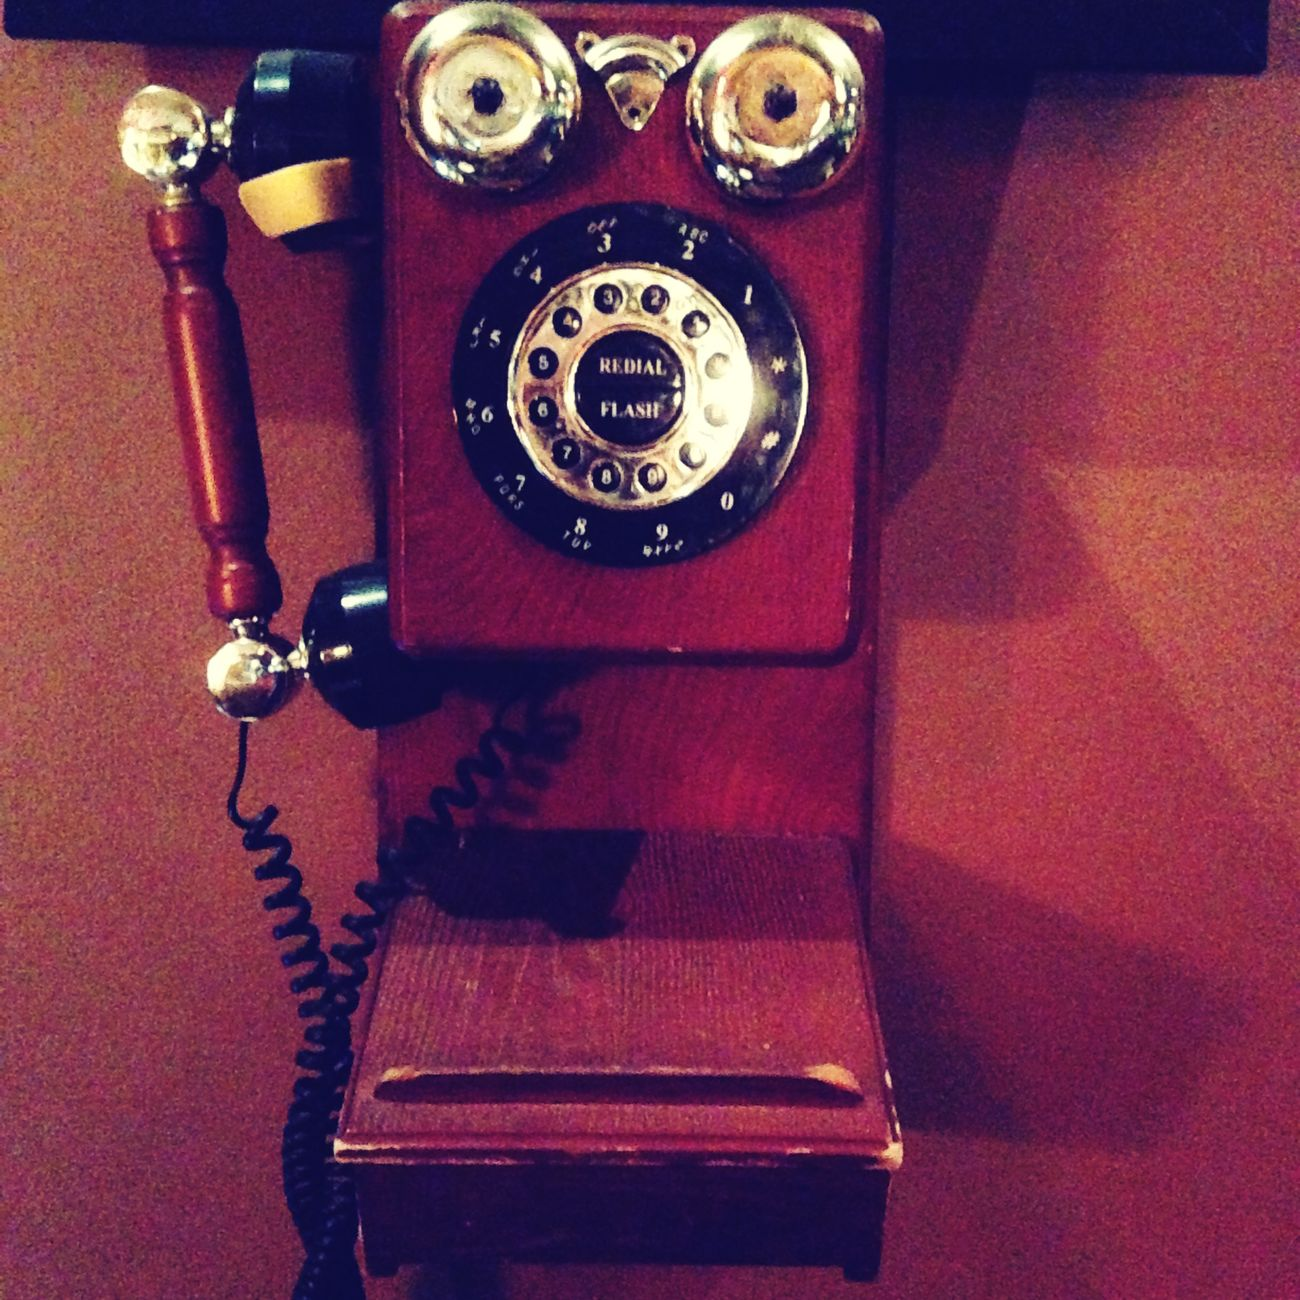 Oldschool Telephone PianoBar Turn Back Time